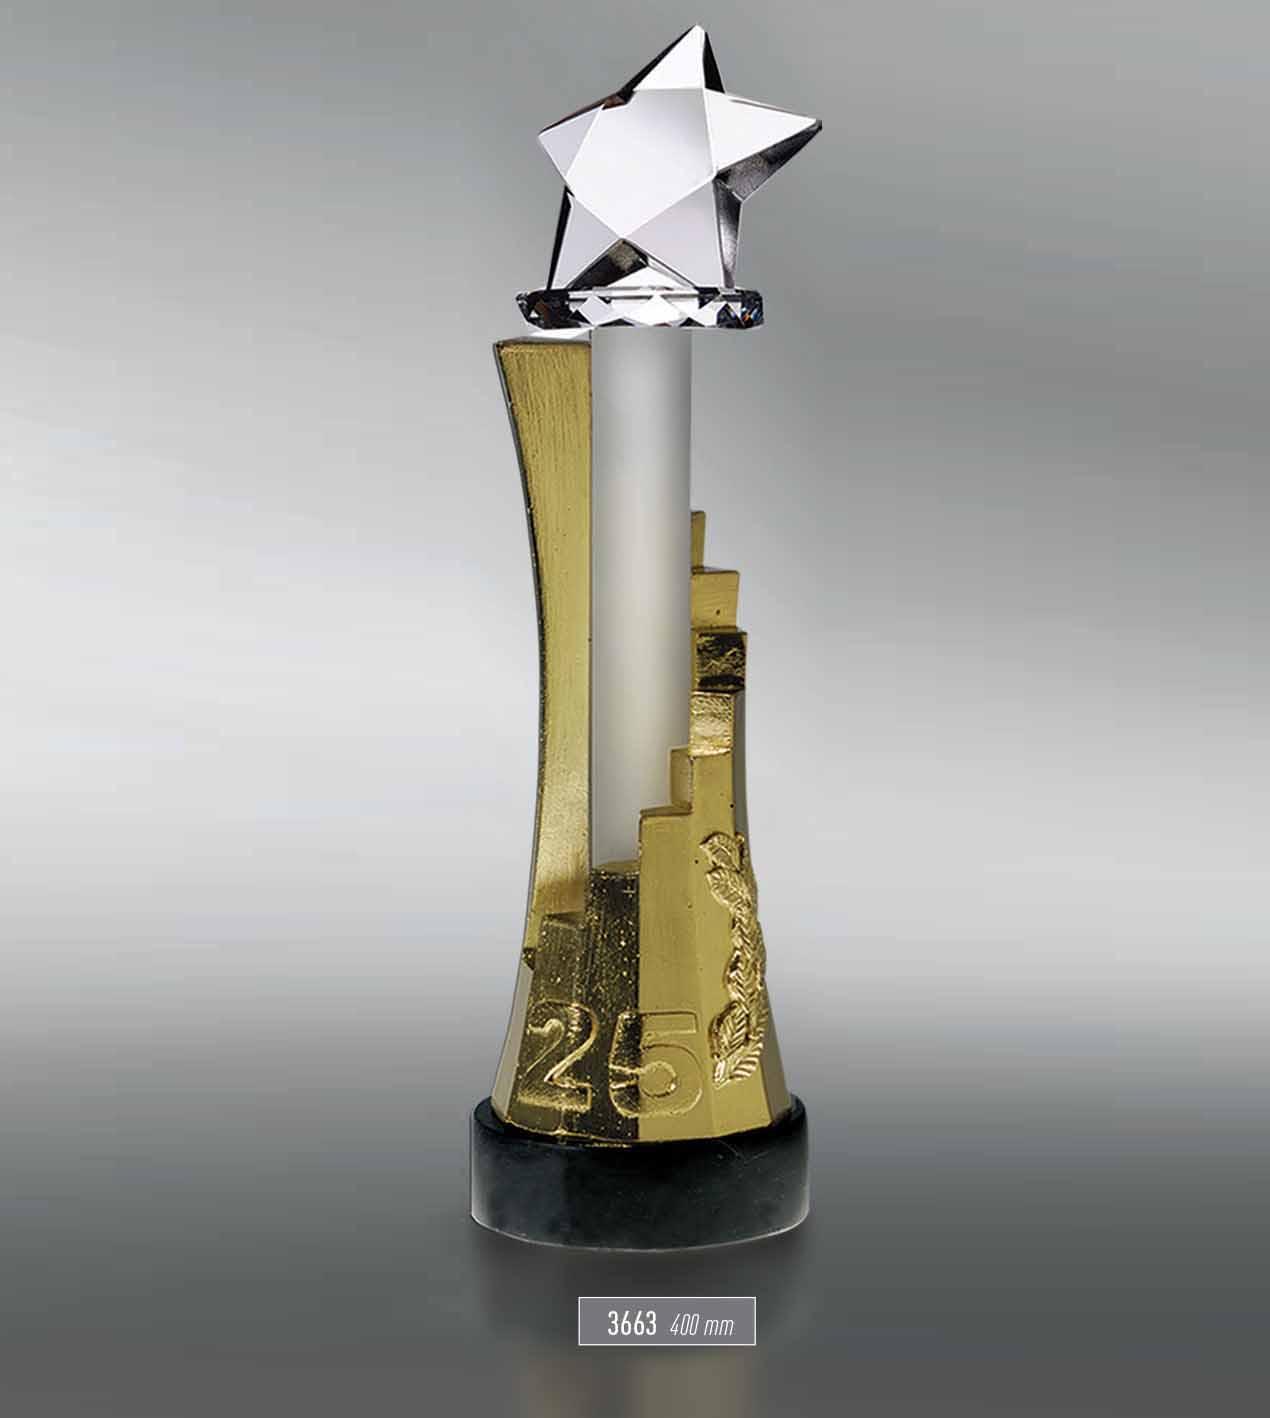 3663 - Award